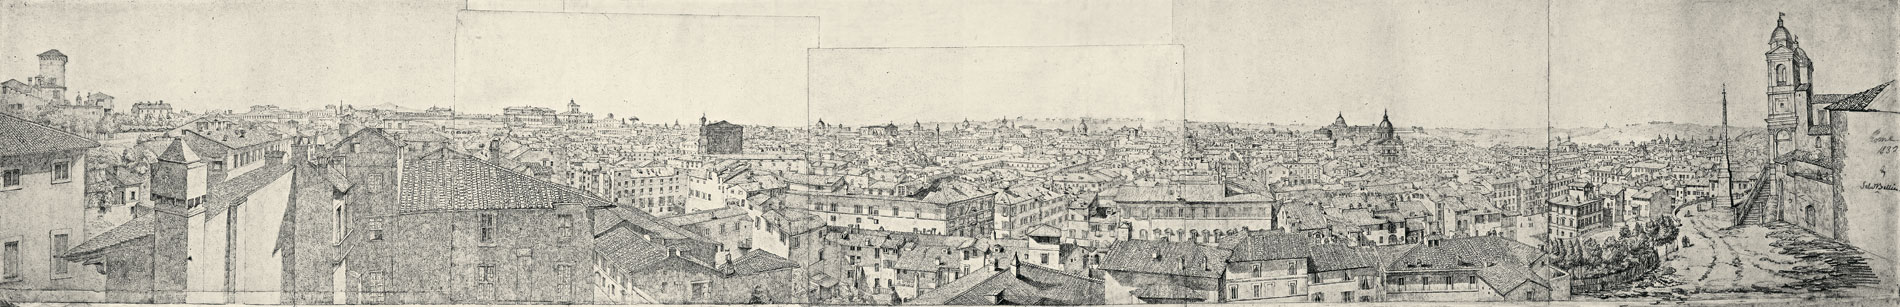 Samuel Bellin, Rompanorama, 1832, 35×230 cm; Rom, Casa di Goethe (Abb. 1)